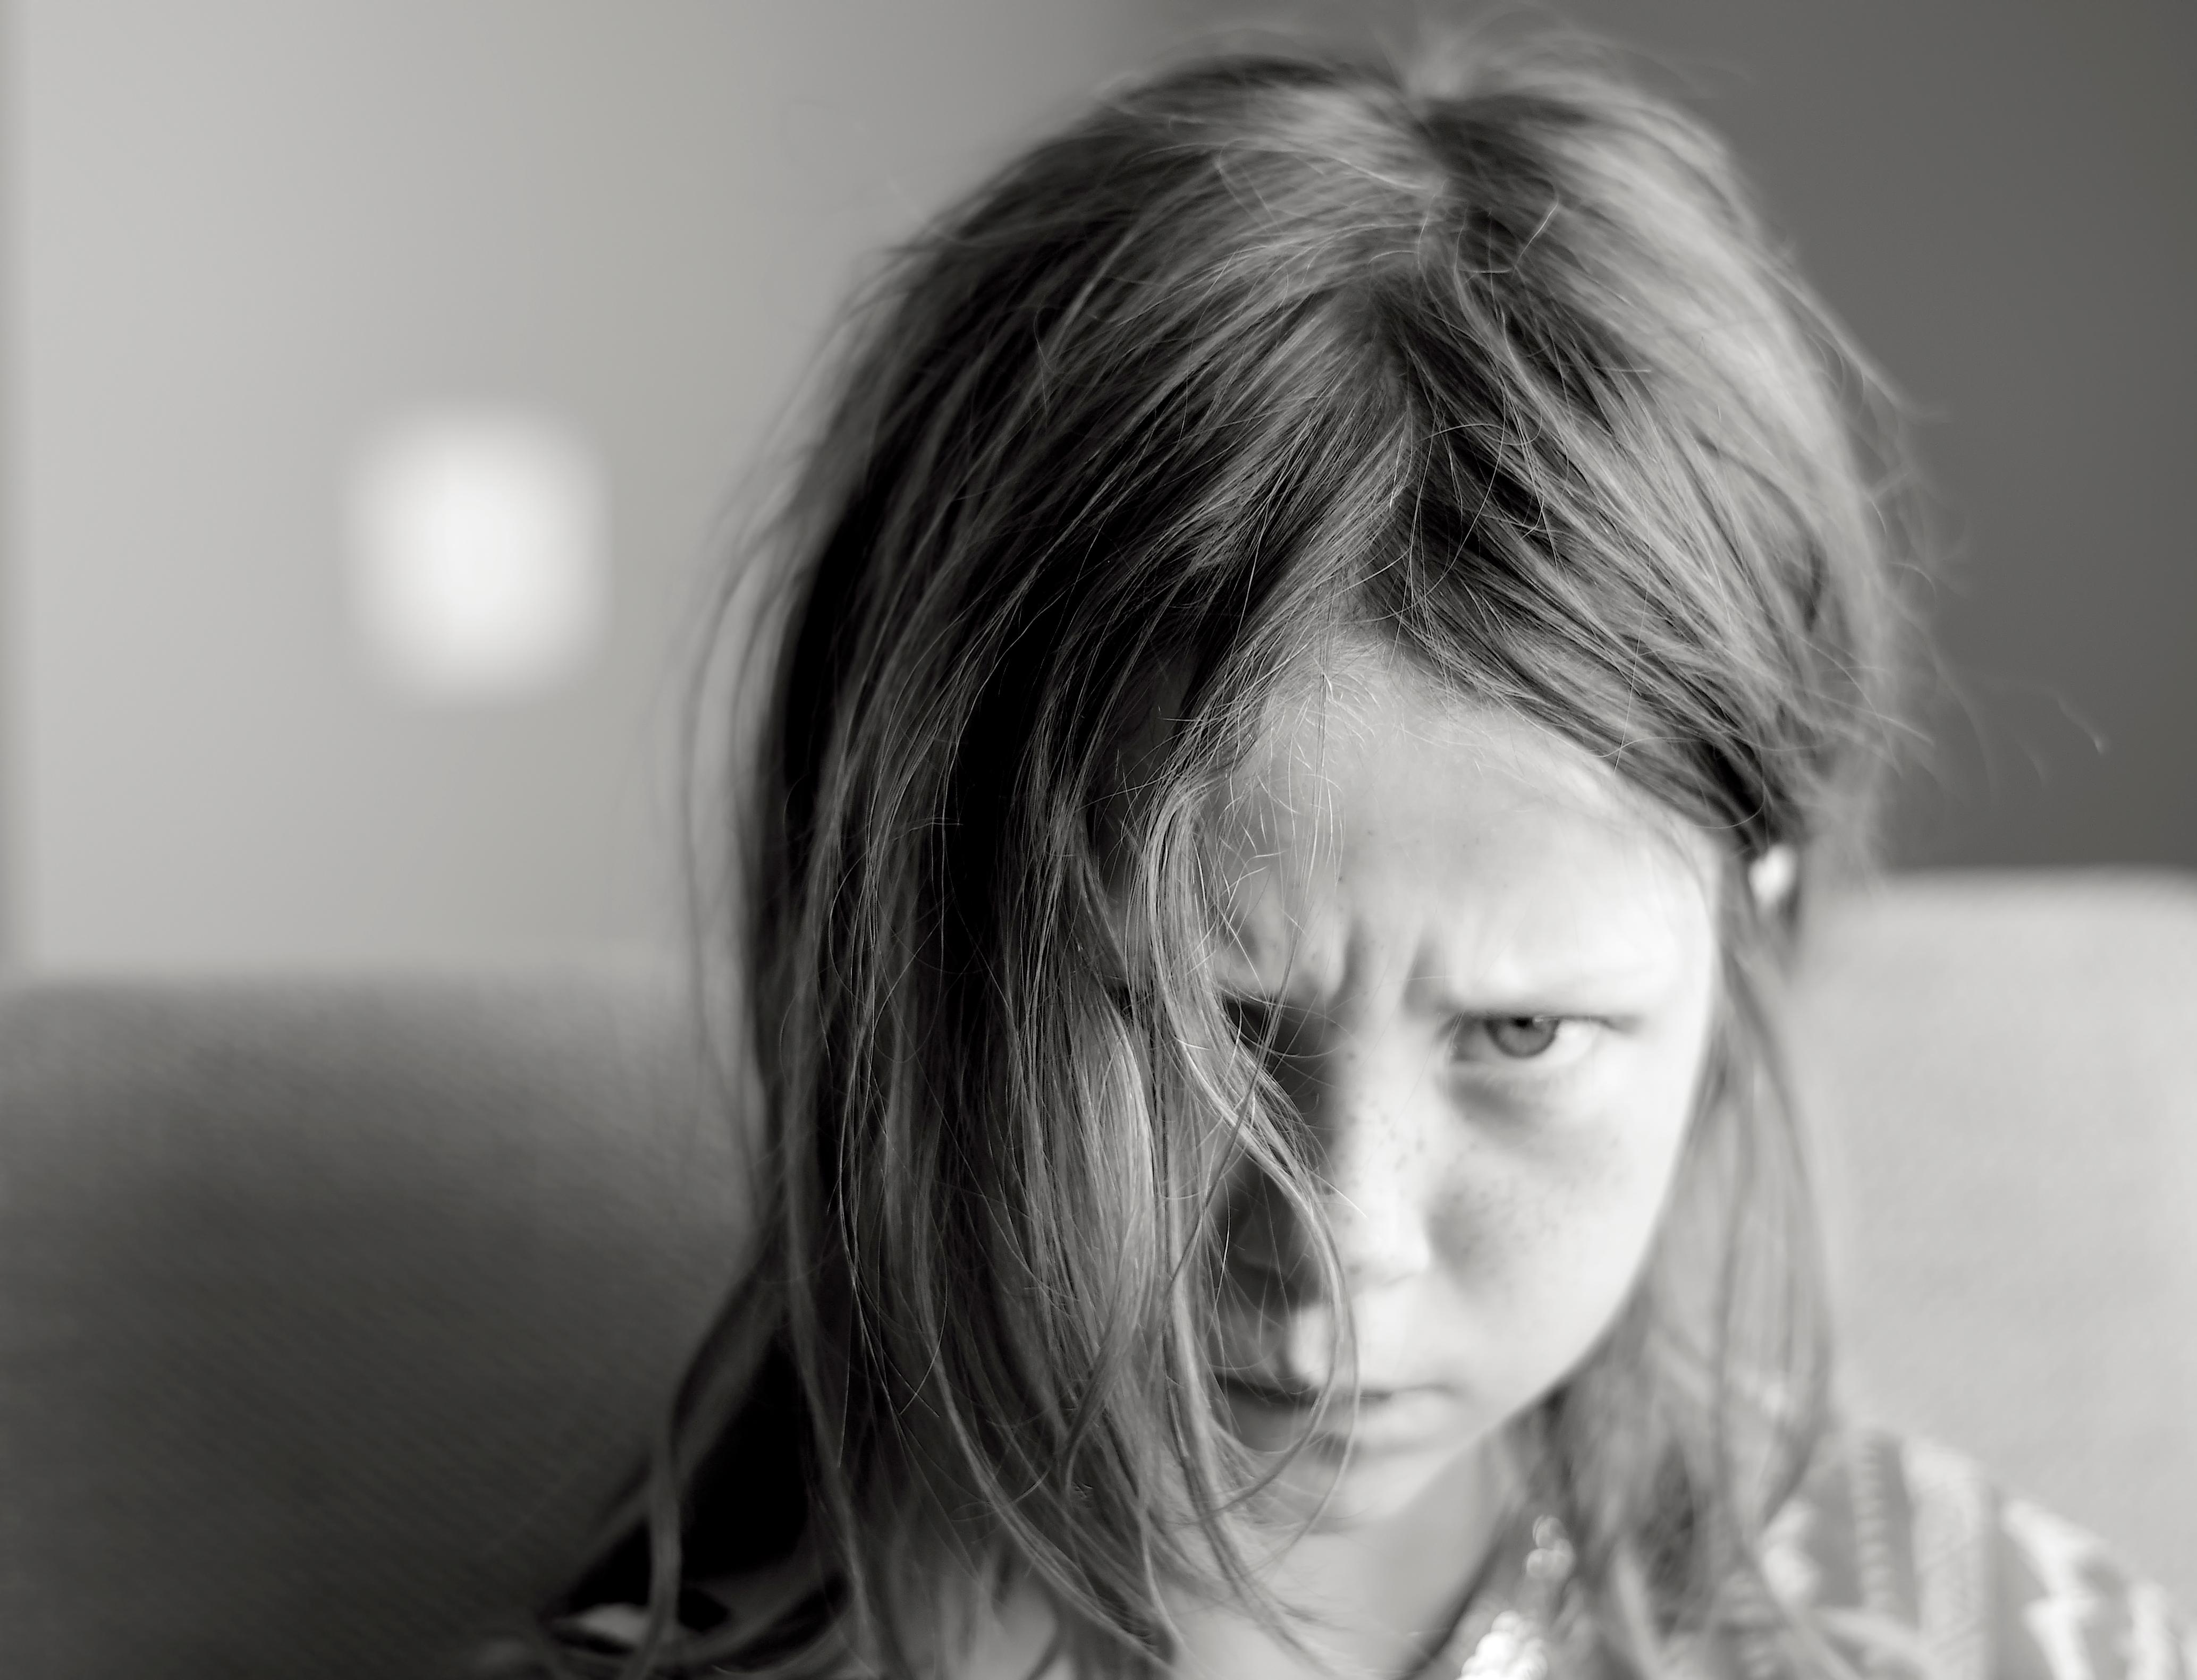 4134x3162 Niñas Cara En blanco y negro Pelo Ceñudo niño, Ceño, ceñudodescontento, disgustado, disgustada Niños